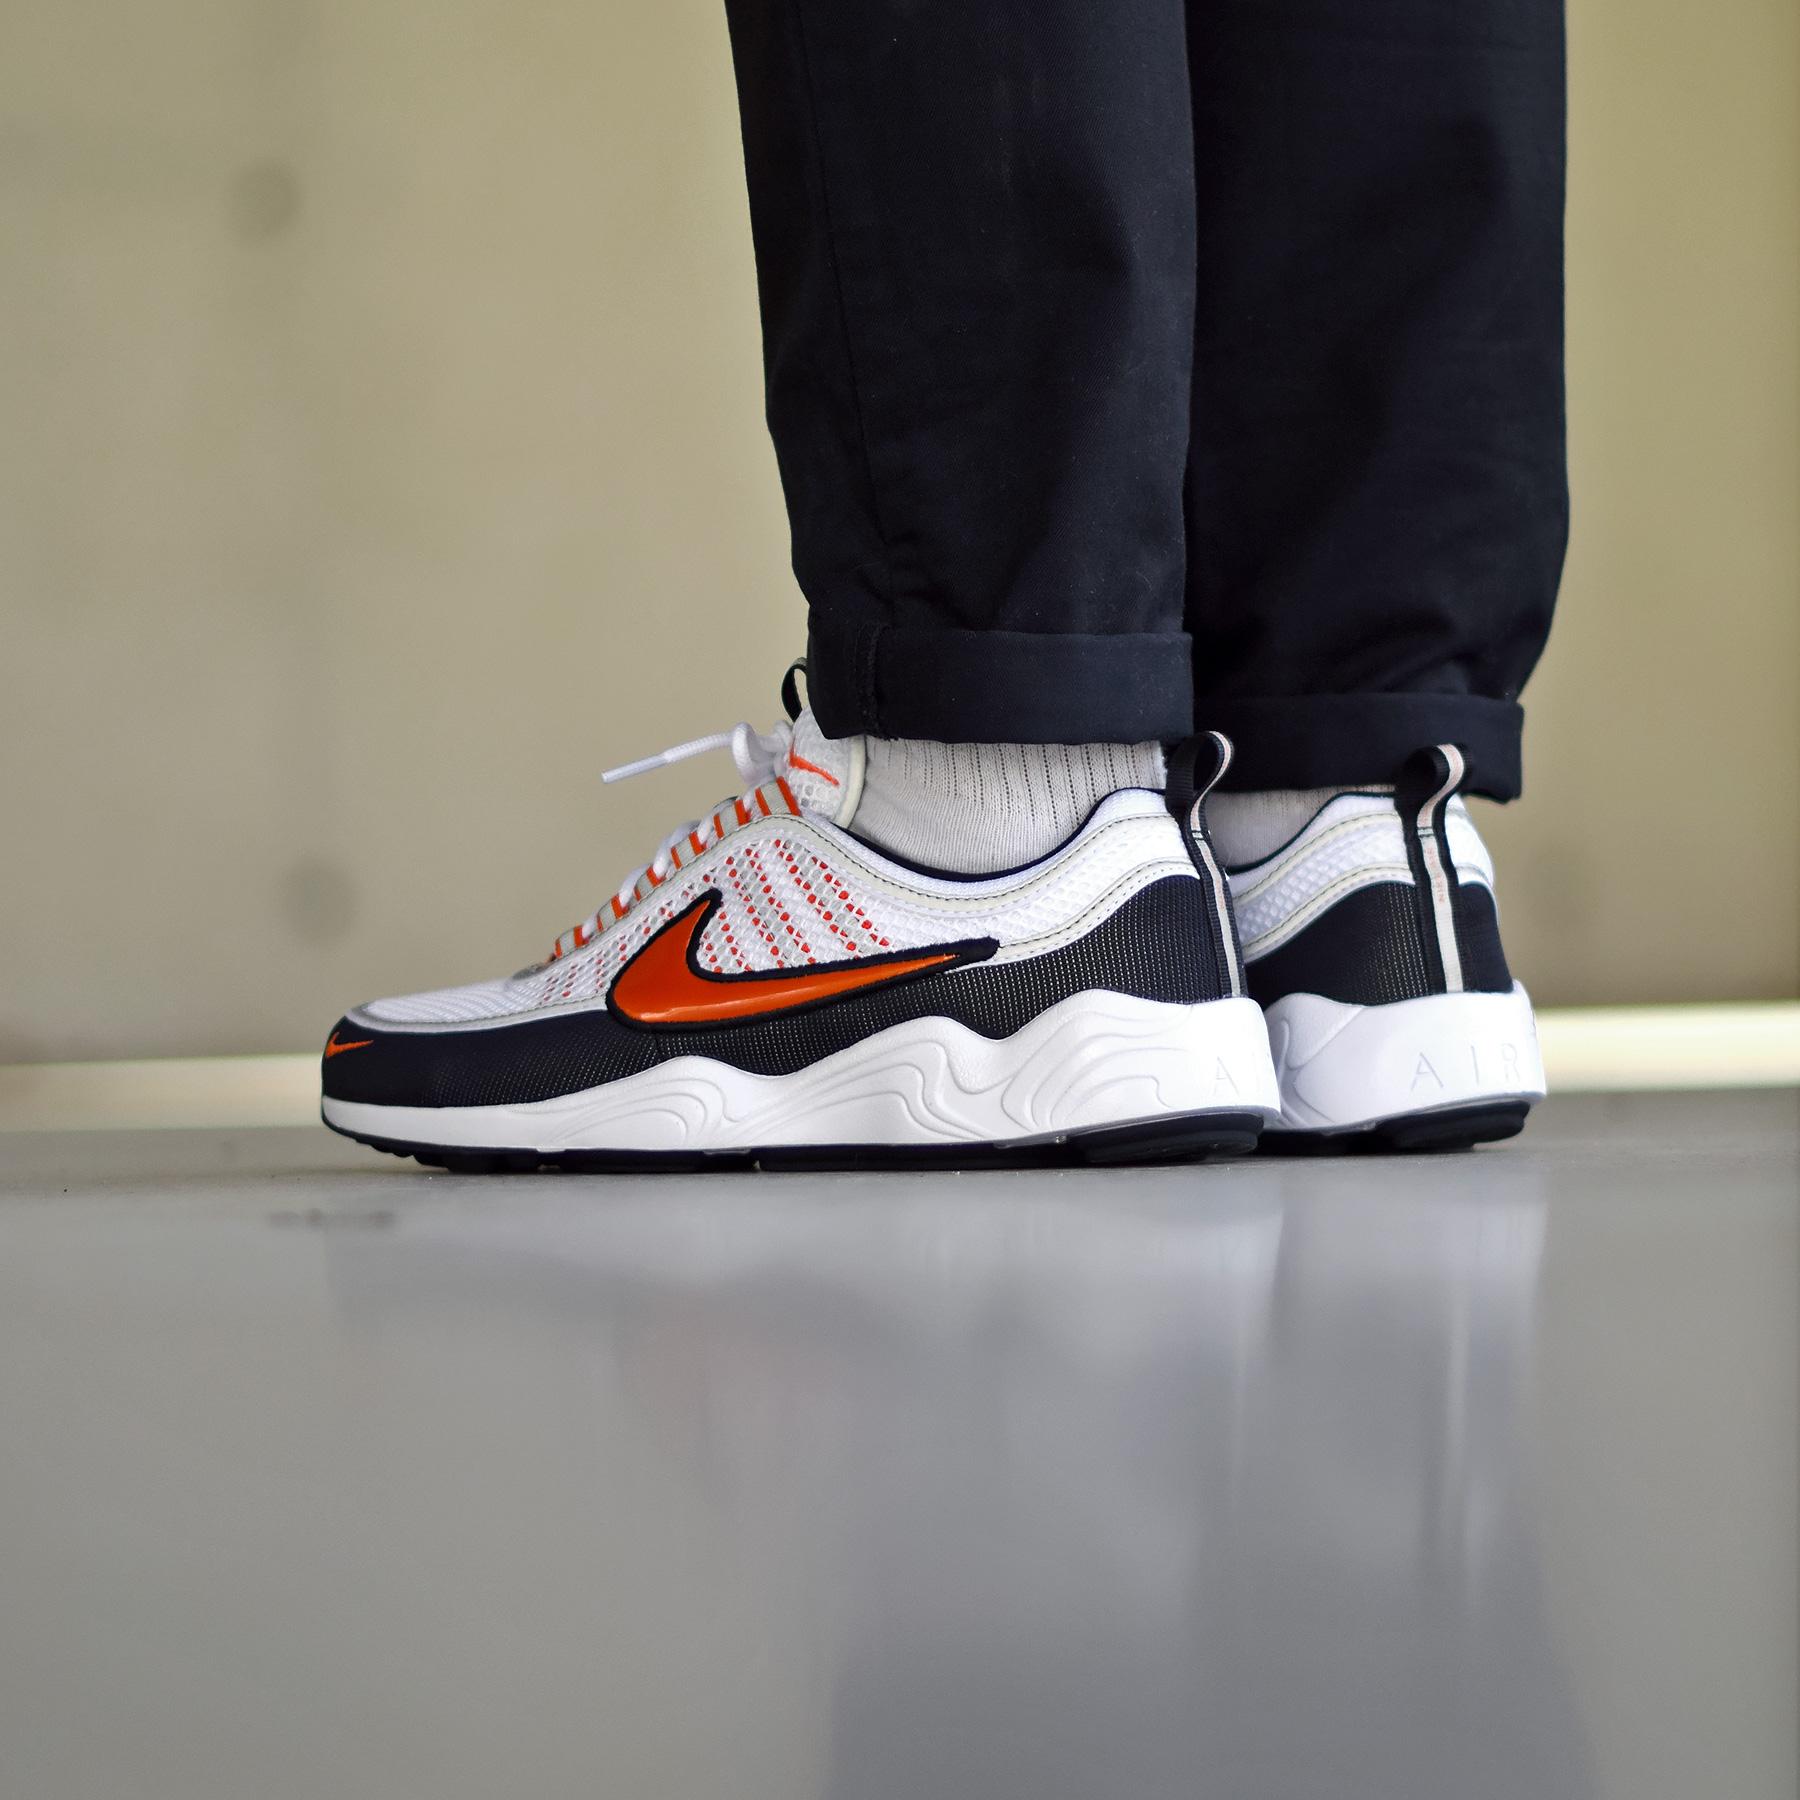 ff8e4443572 Nike Shox For Super Cheap